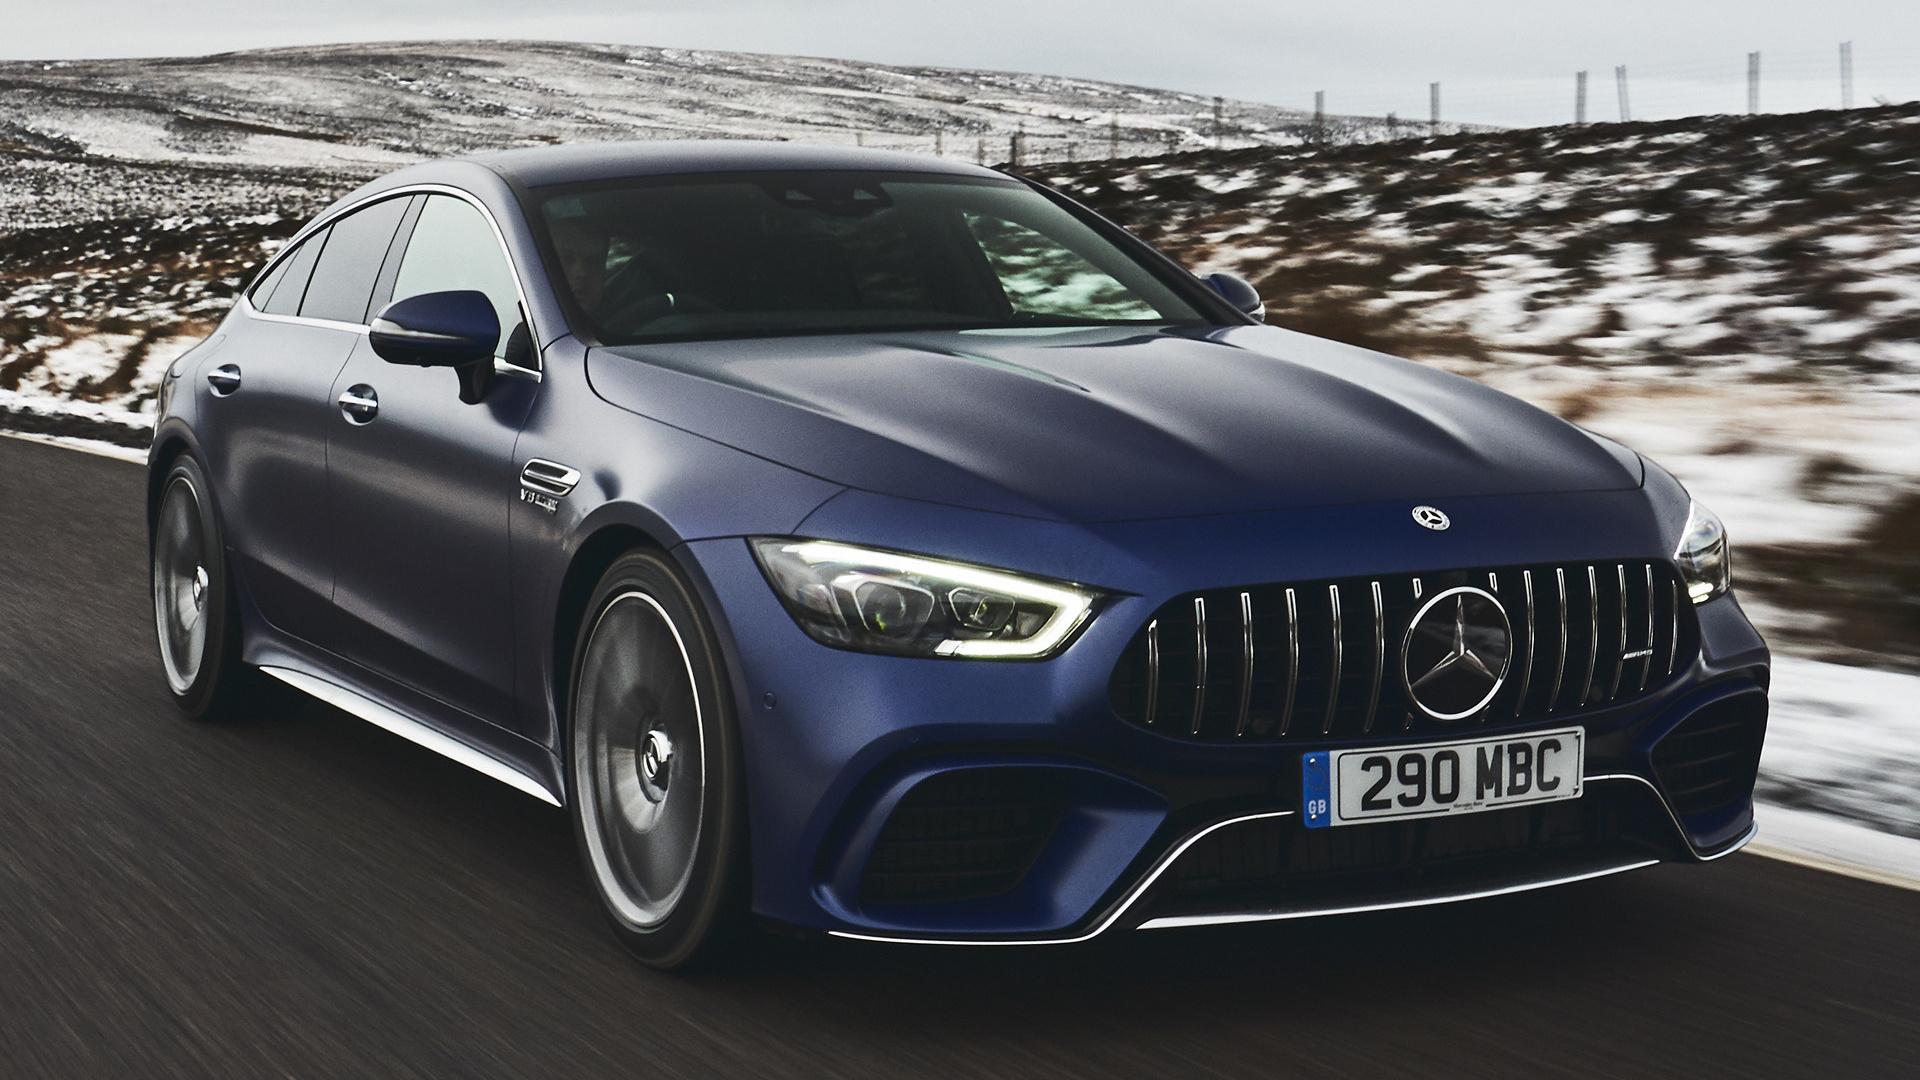 2018 Mercedes Amg Gt 63 S 4 Door Uk Wallpapers And Hd Images Car Pixel